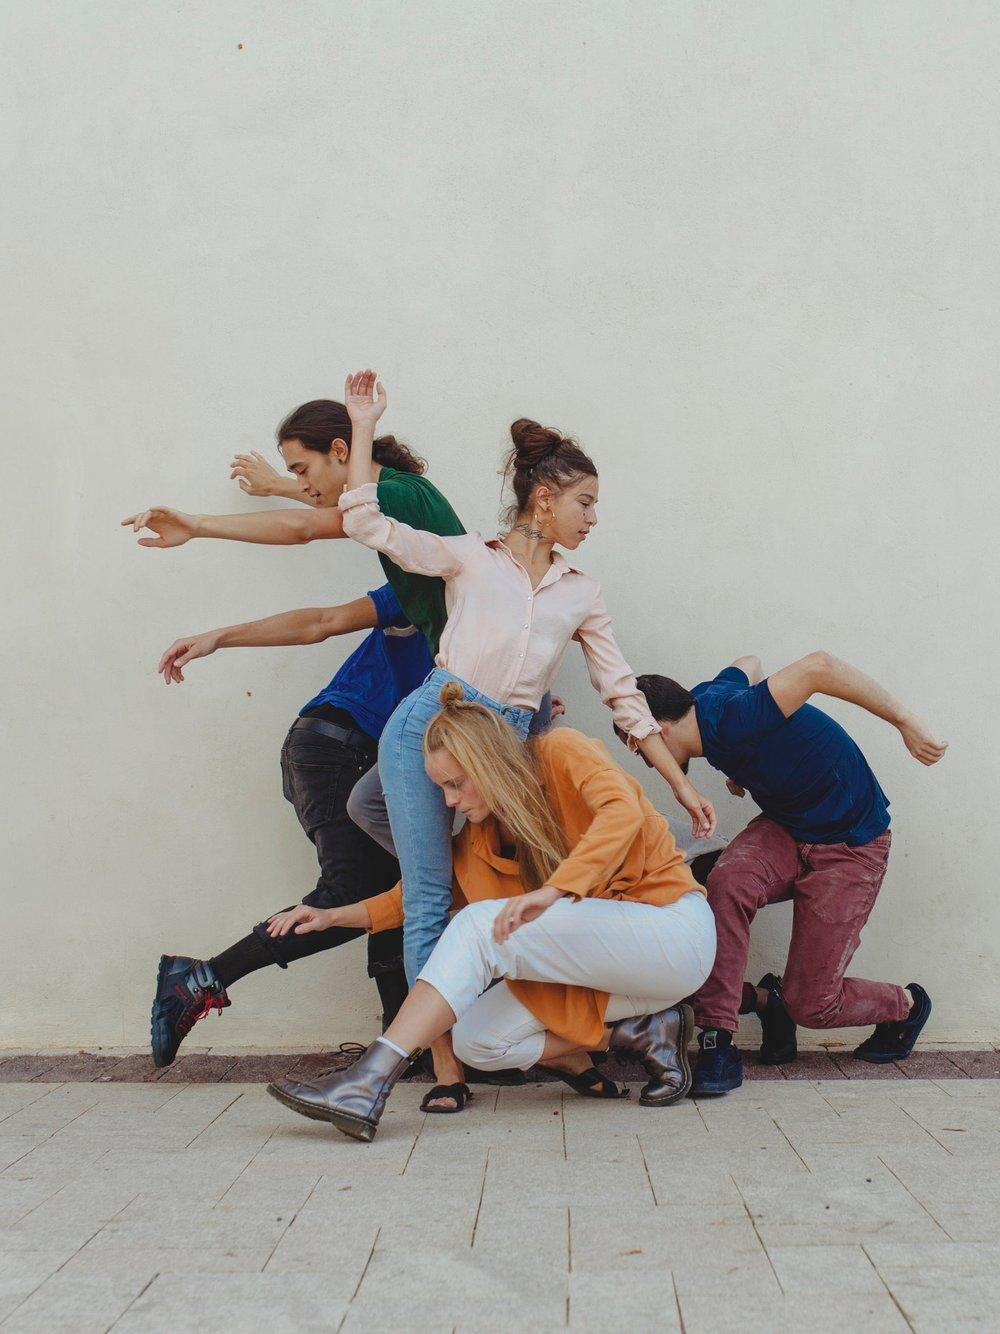 Addo Platform | Portugal Summer Intensive 2019